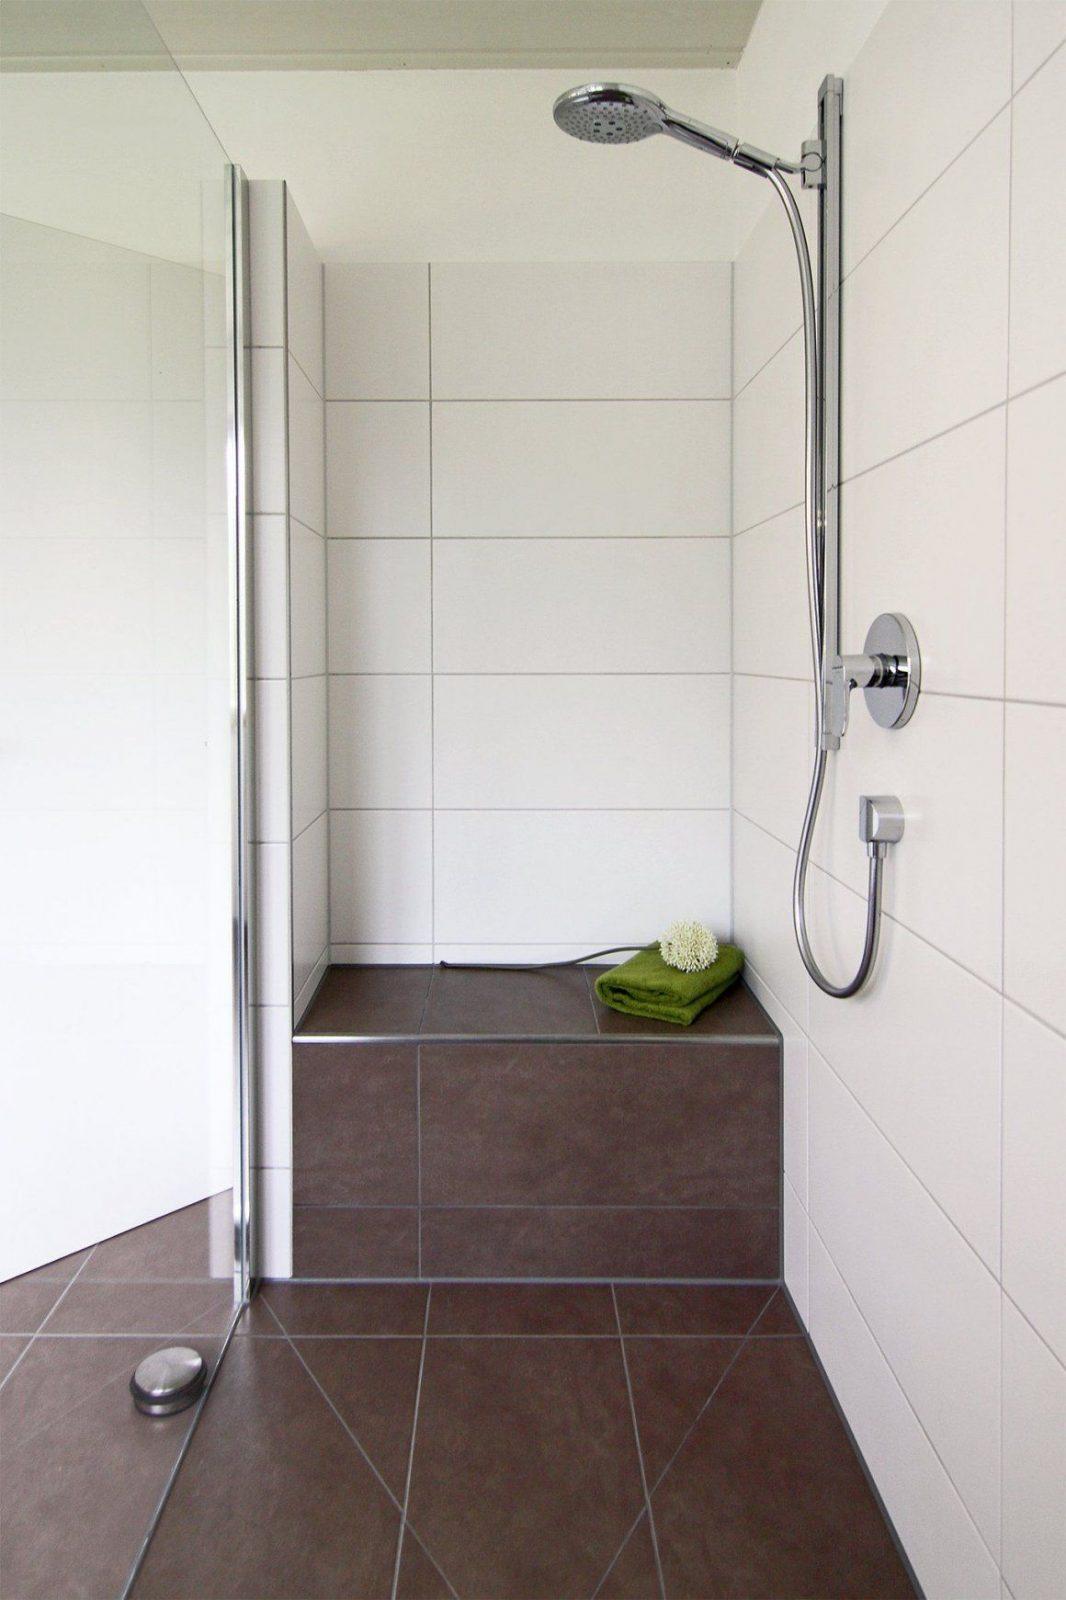 led beleuchtung fliesen verlegen dusche badezimmer duschfach youtube von ablage in dusche. Black Bedroom Furniture Sets. Home Design Ideas